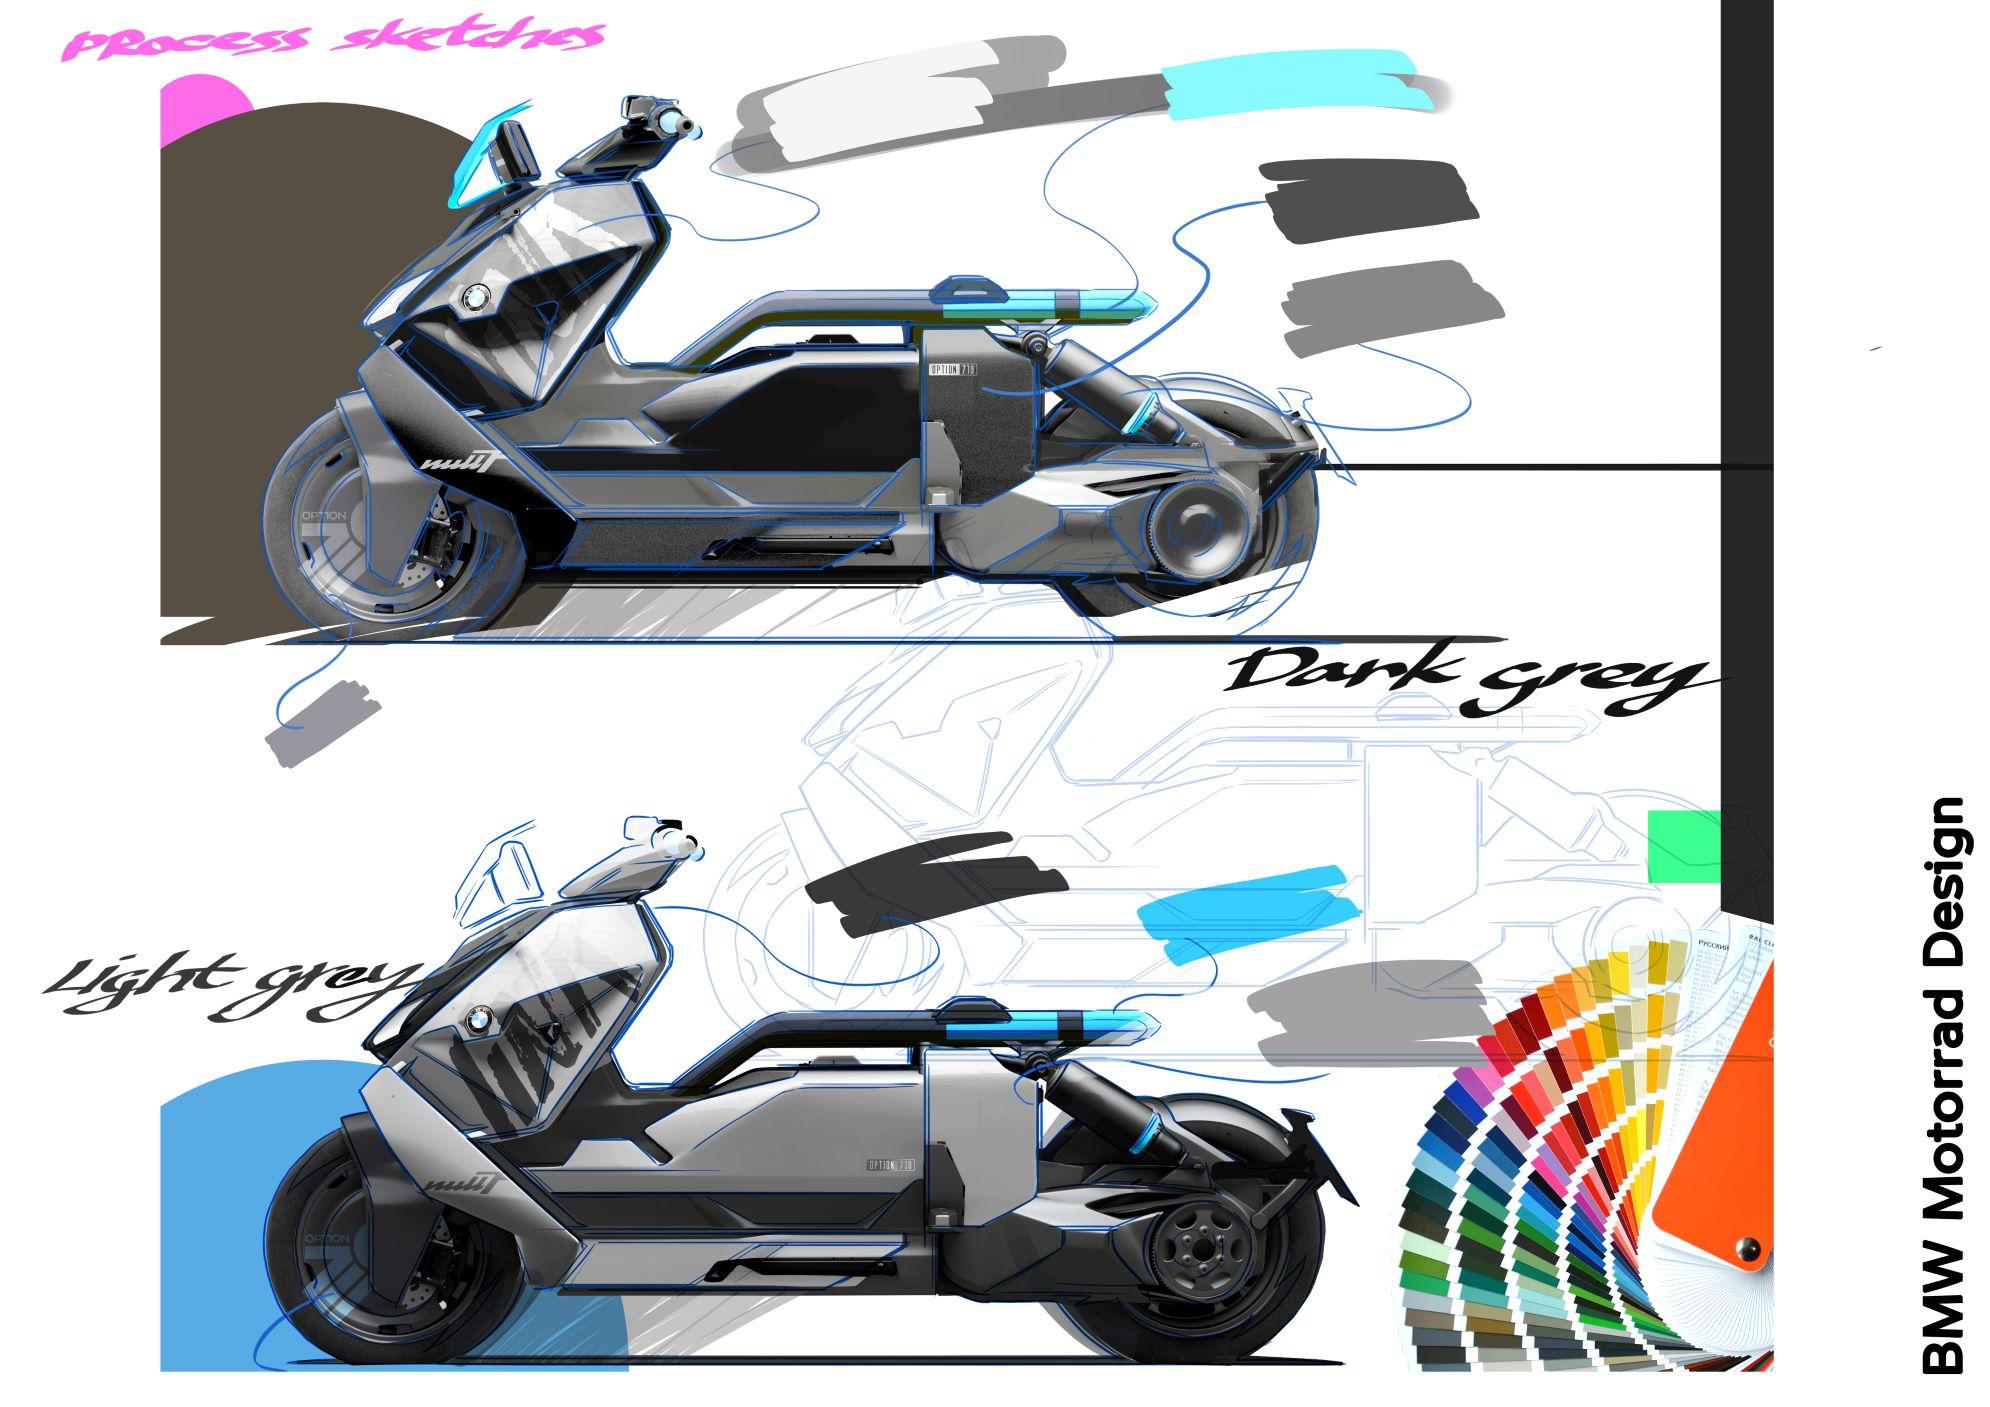 bmw ce 04 design